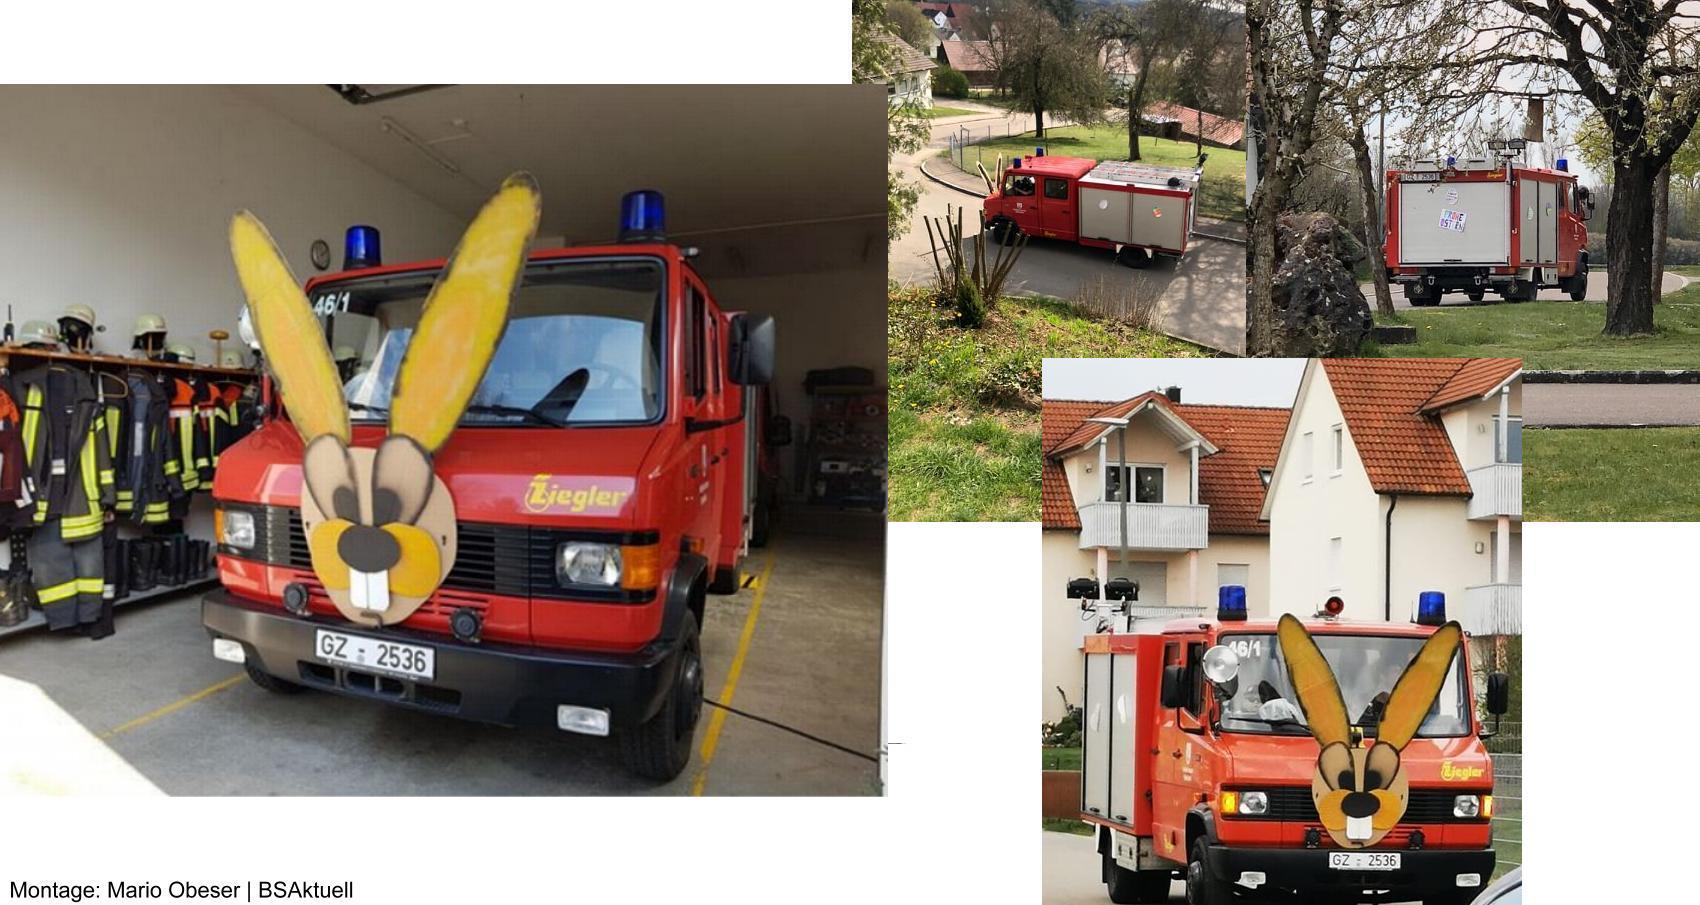 Osterjagt2020 Feuerwehr Mindelaltheim